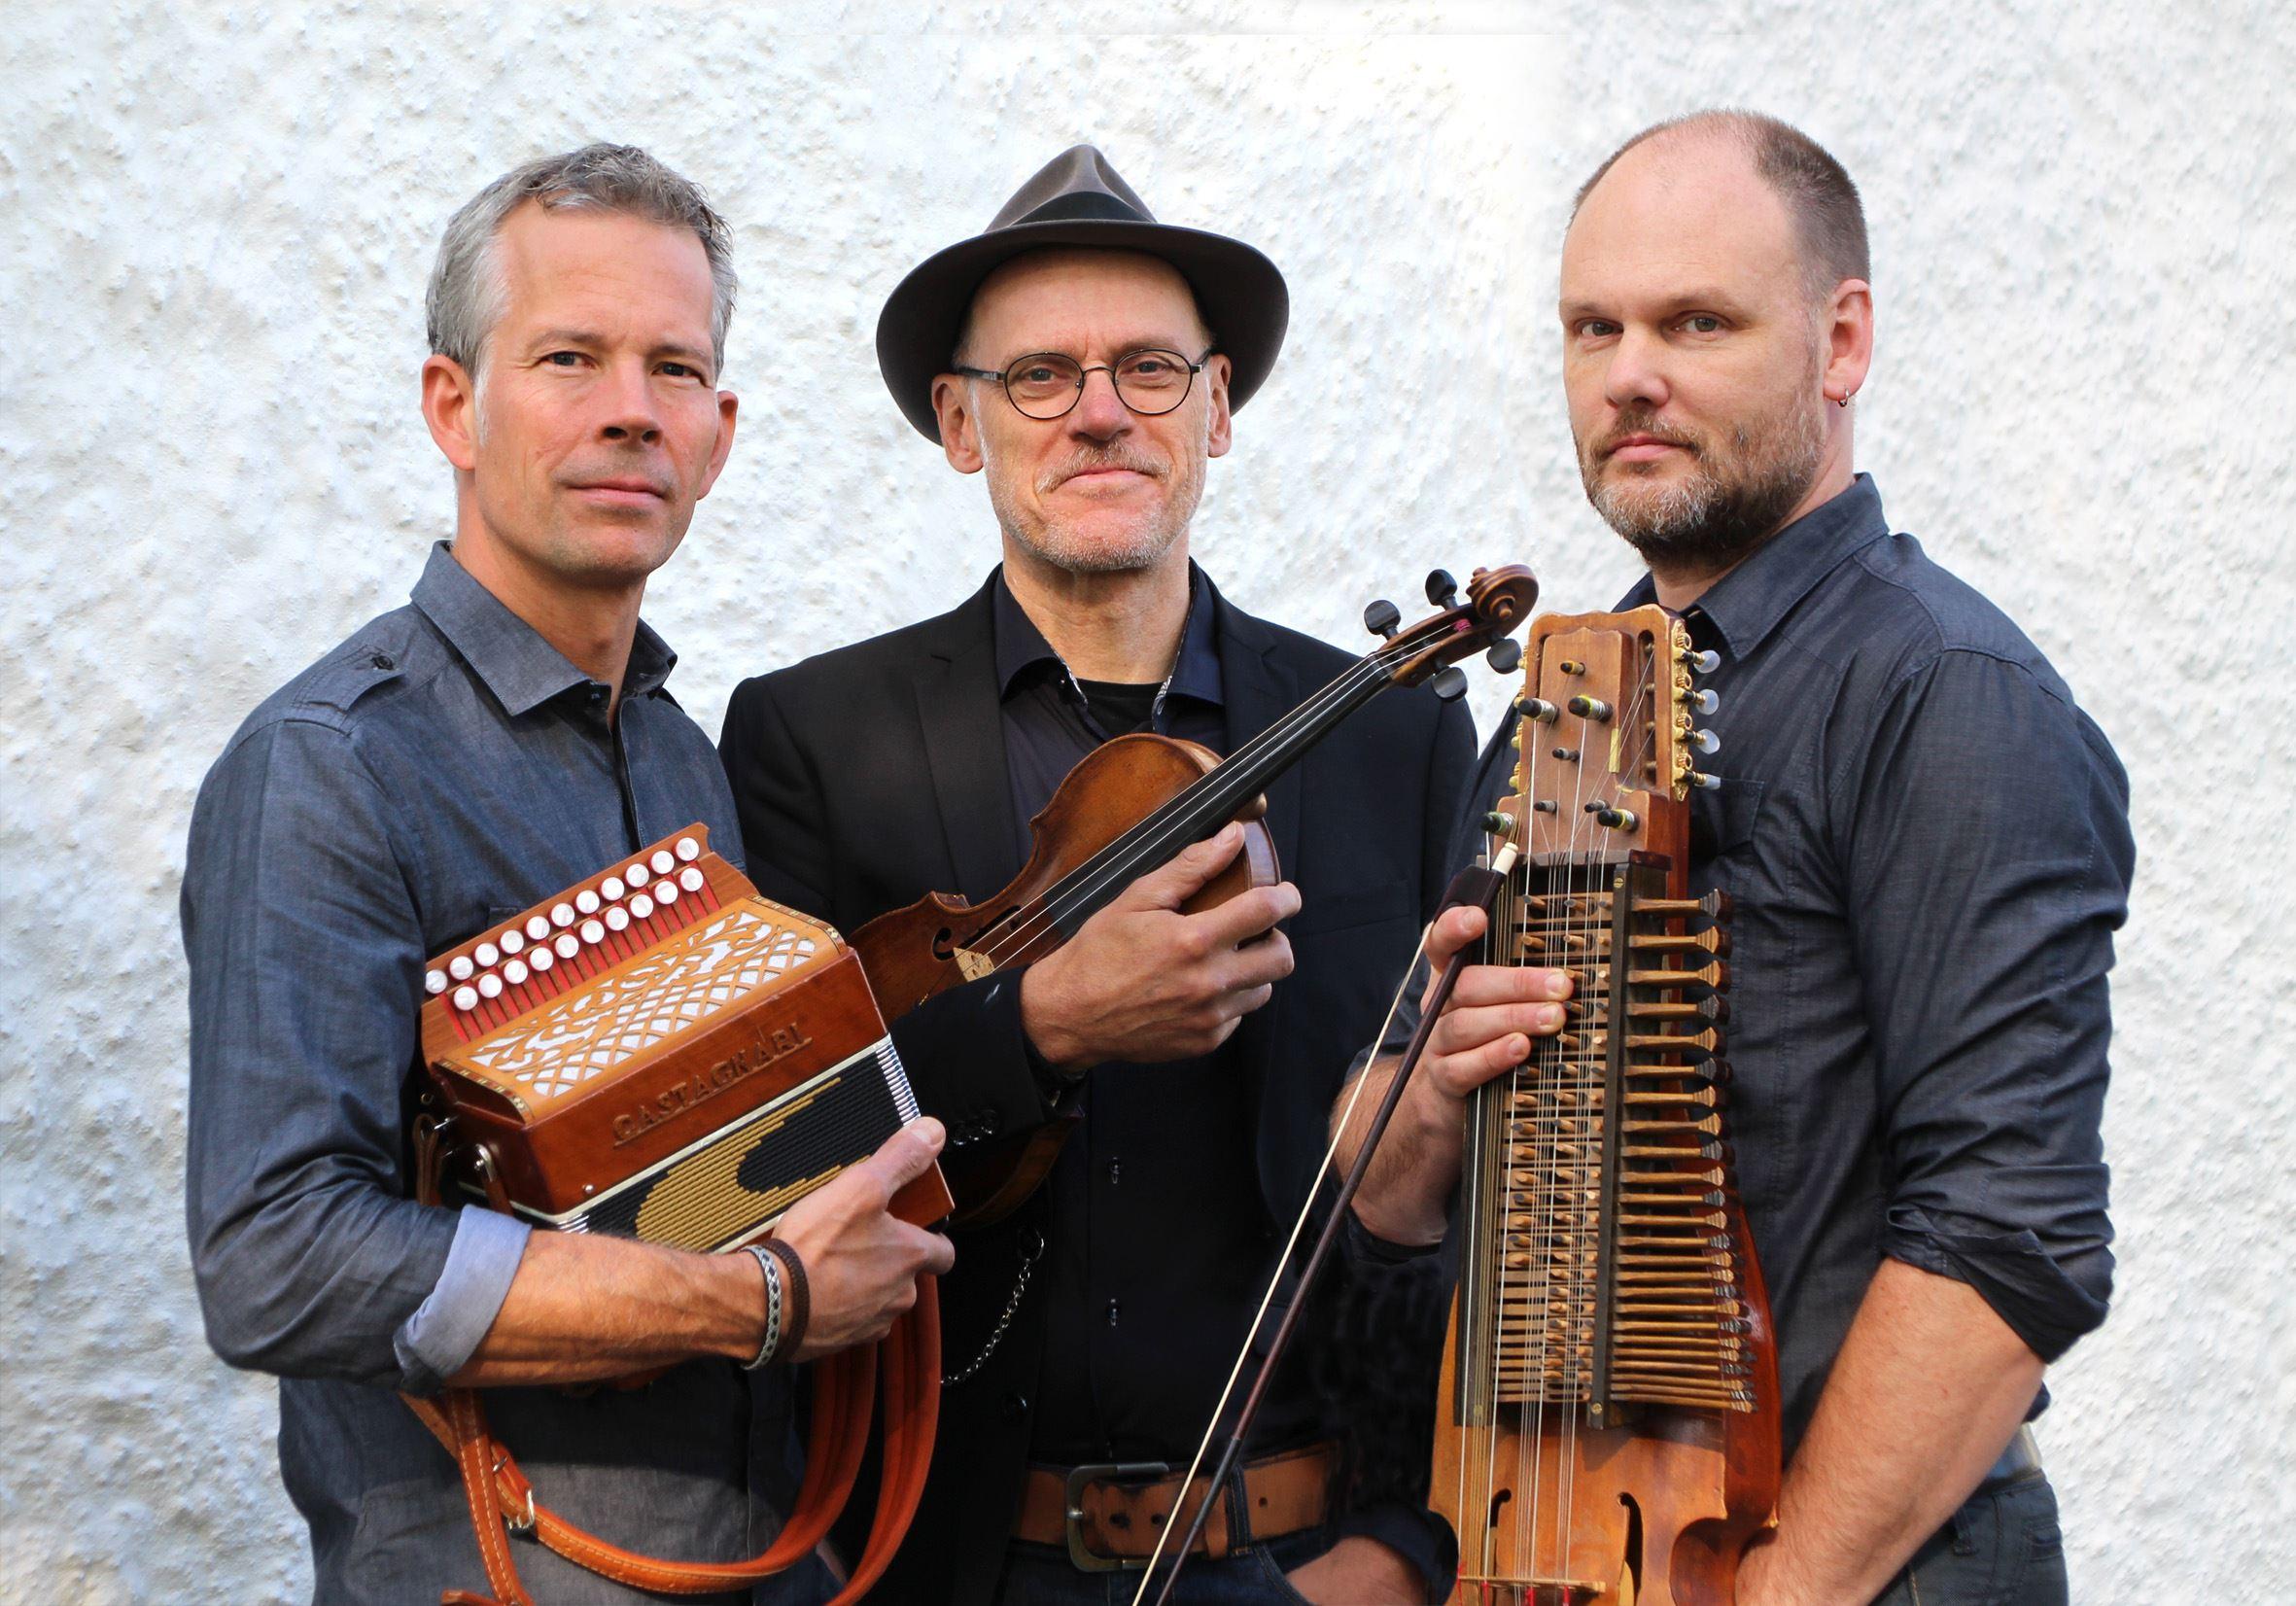 Folkmusikkonsert i Vråka